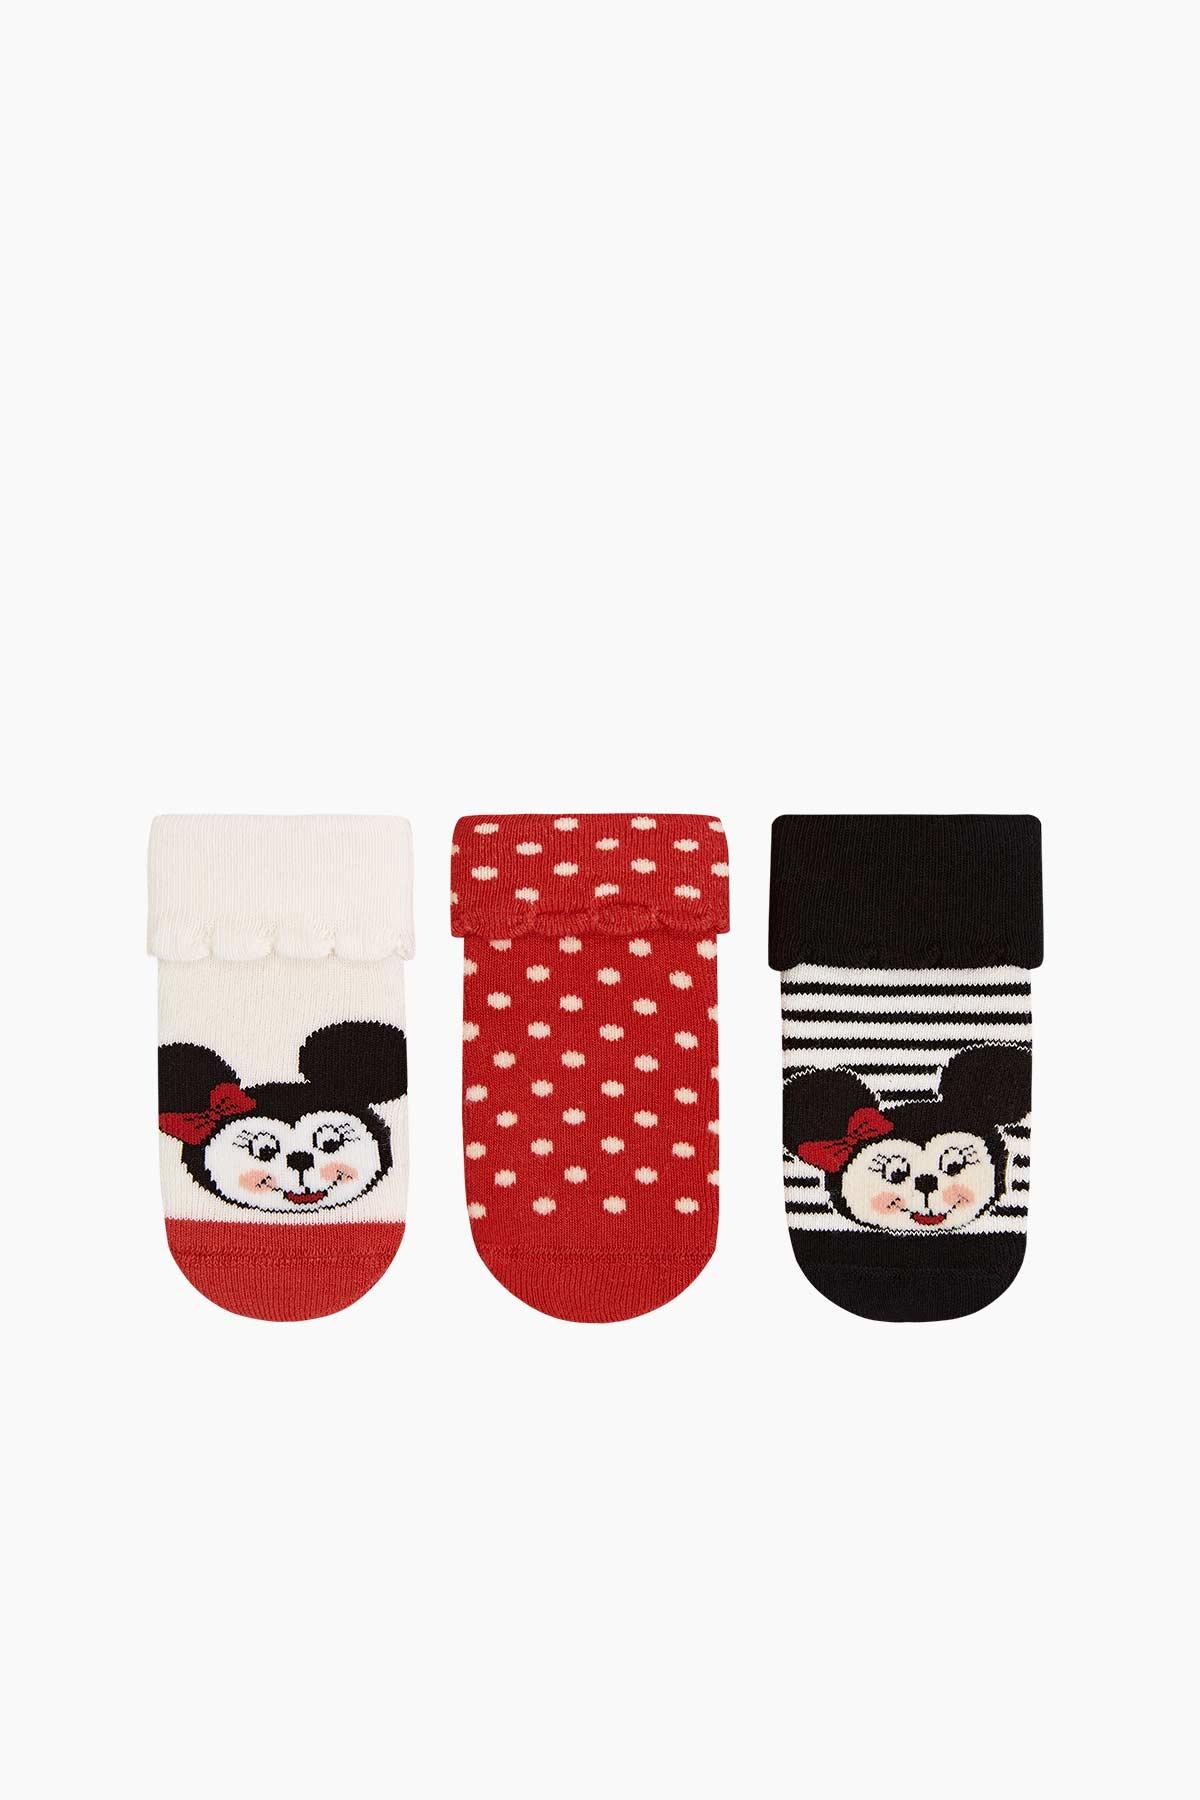 Bross - 3'lü Paket Minnie Desenli Taban Altı Kaydırmaz Baskılı Havlu Bebek Çorabı